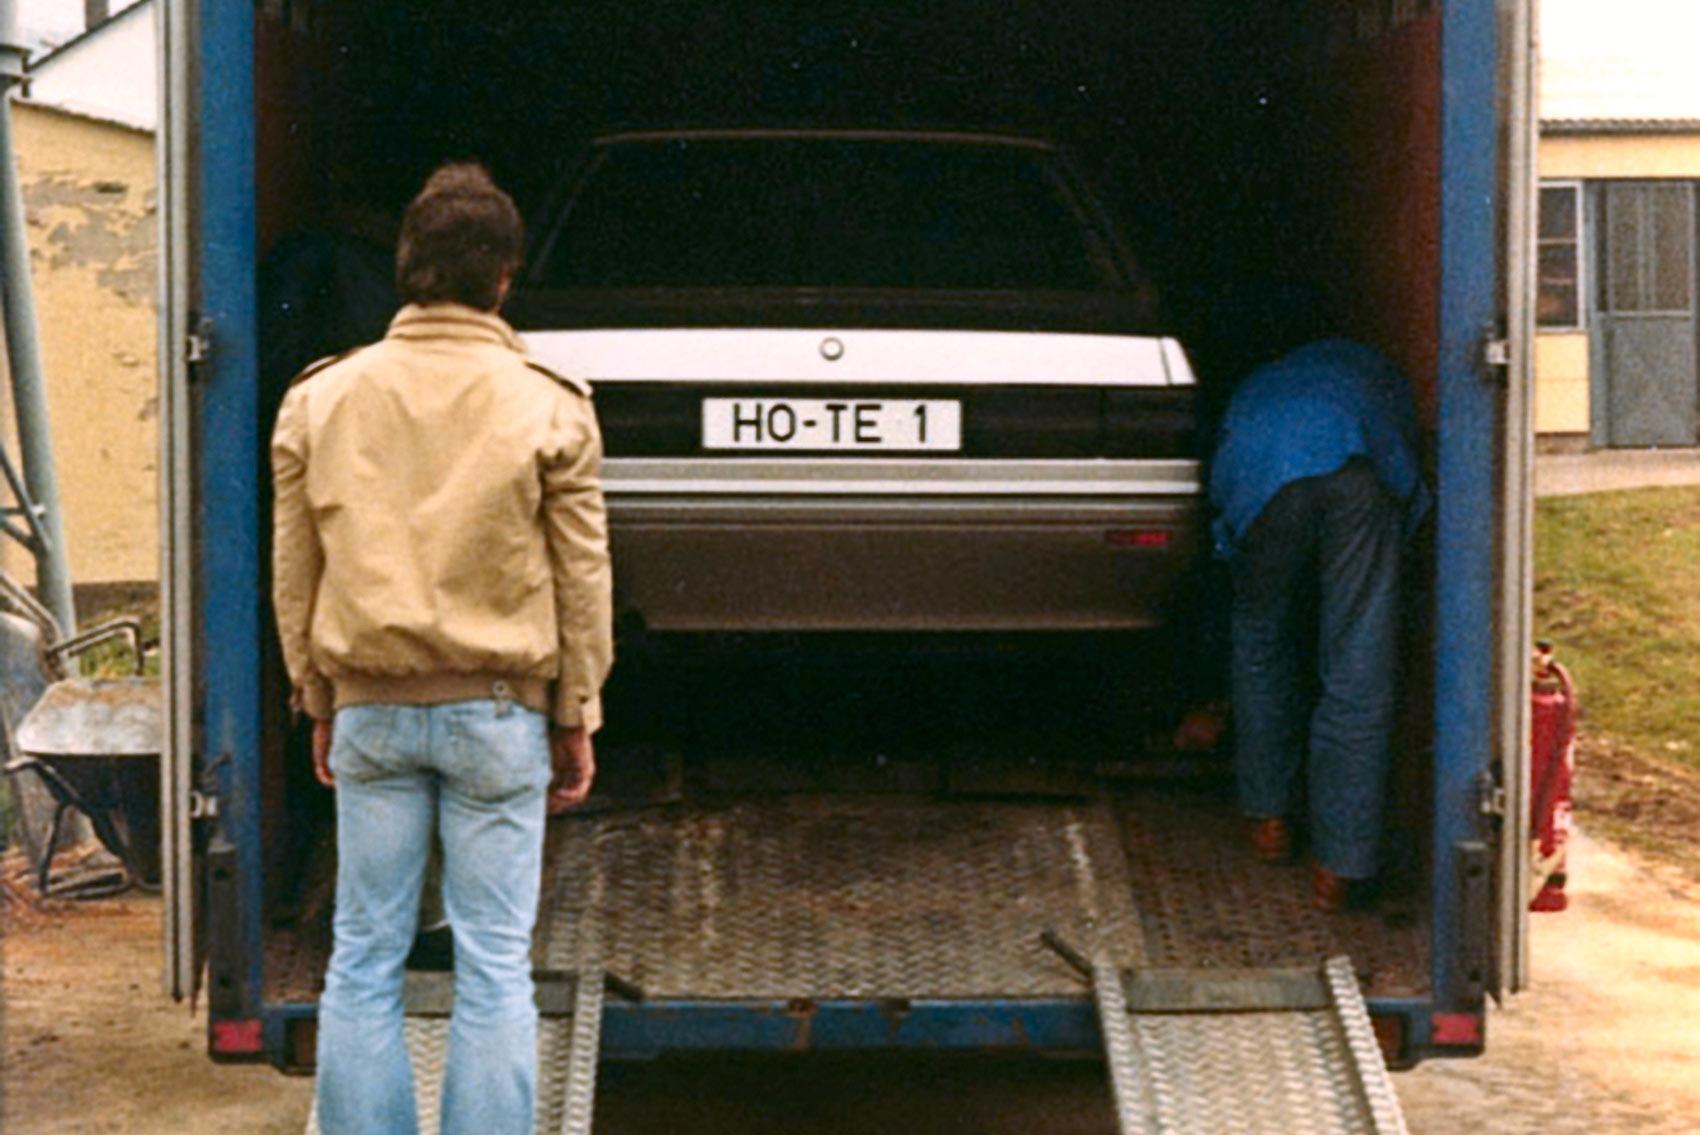 HOTE 1, 1982